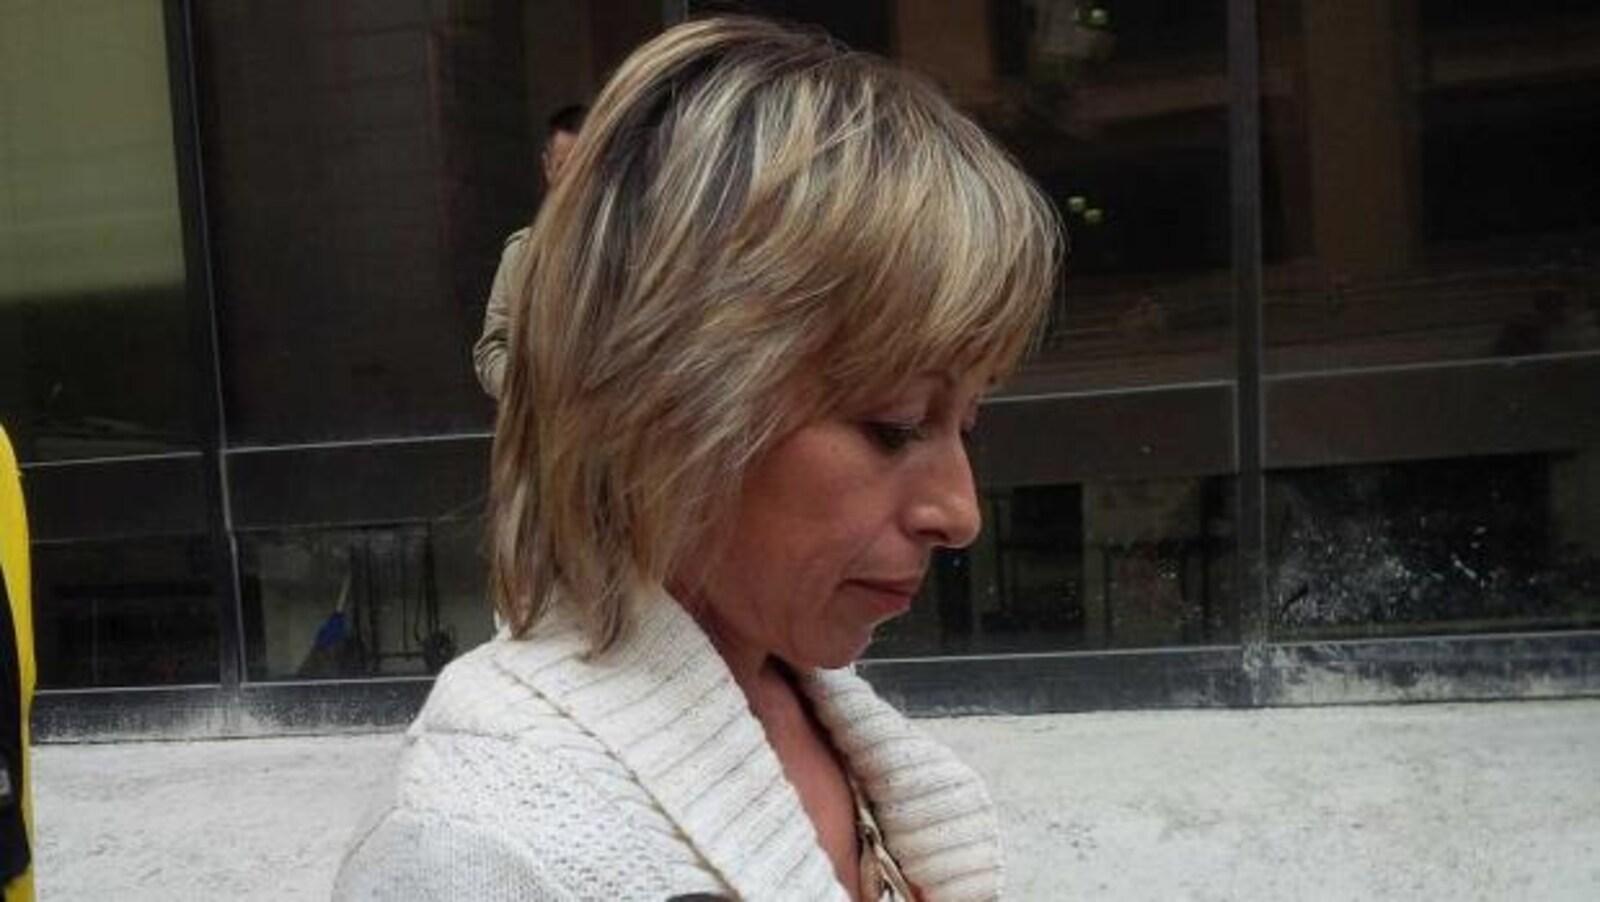 Photo archive de Renata Ford prise en 2014. Elle est de profil et regarde le sol.